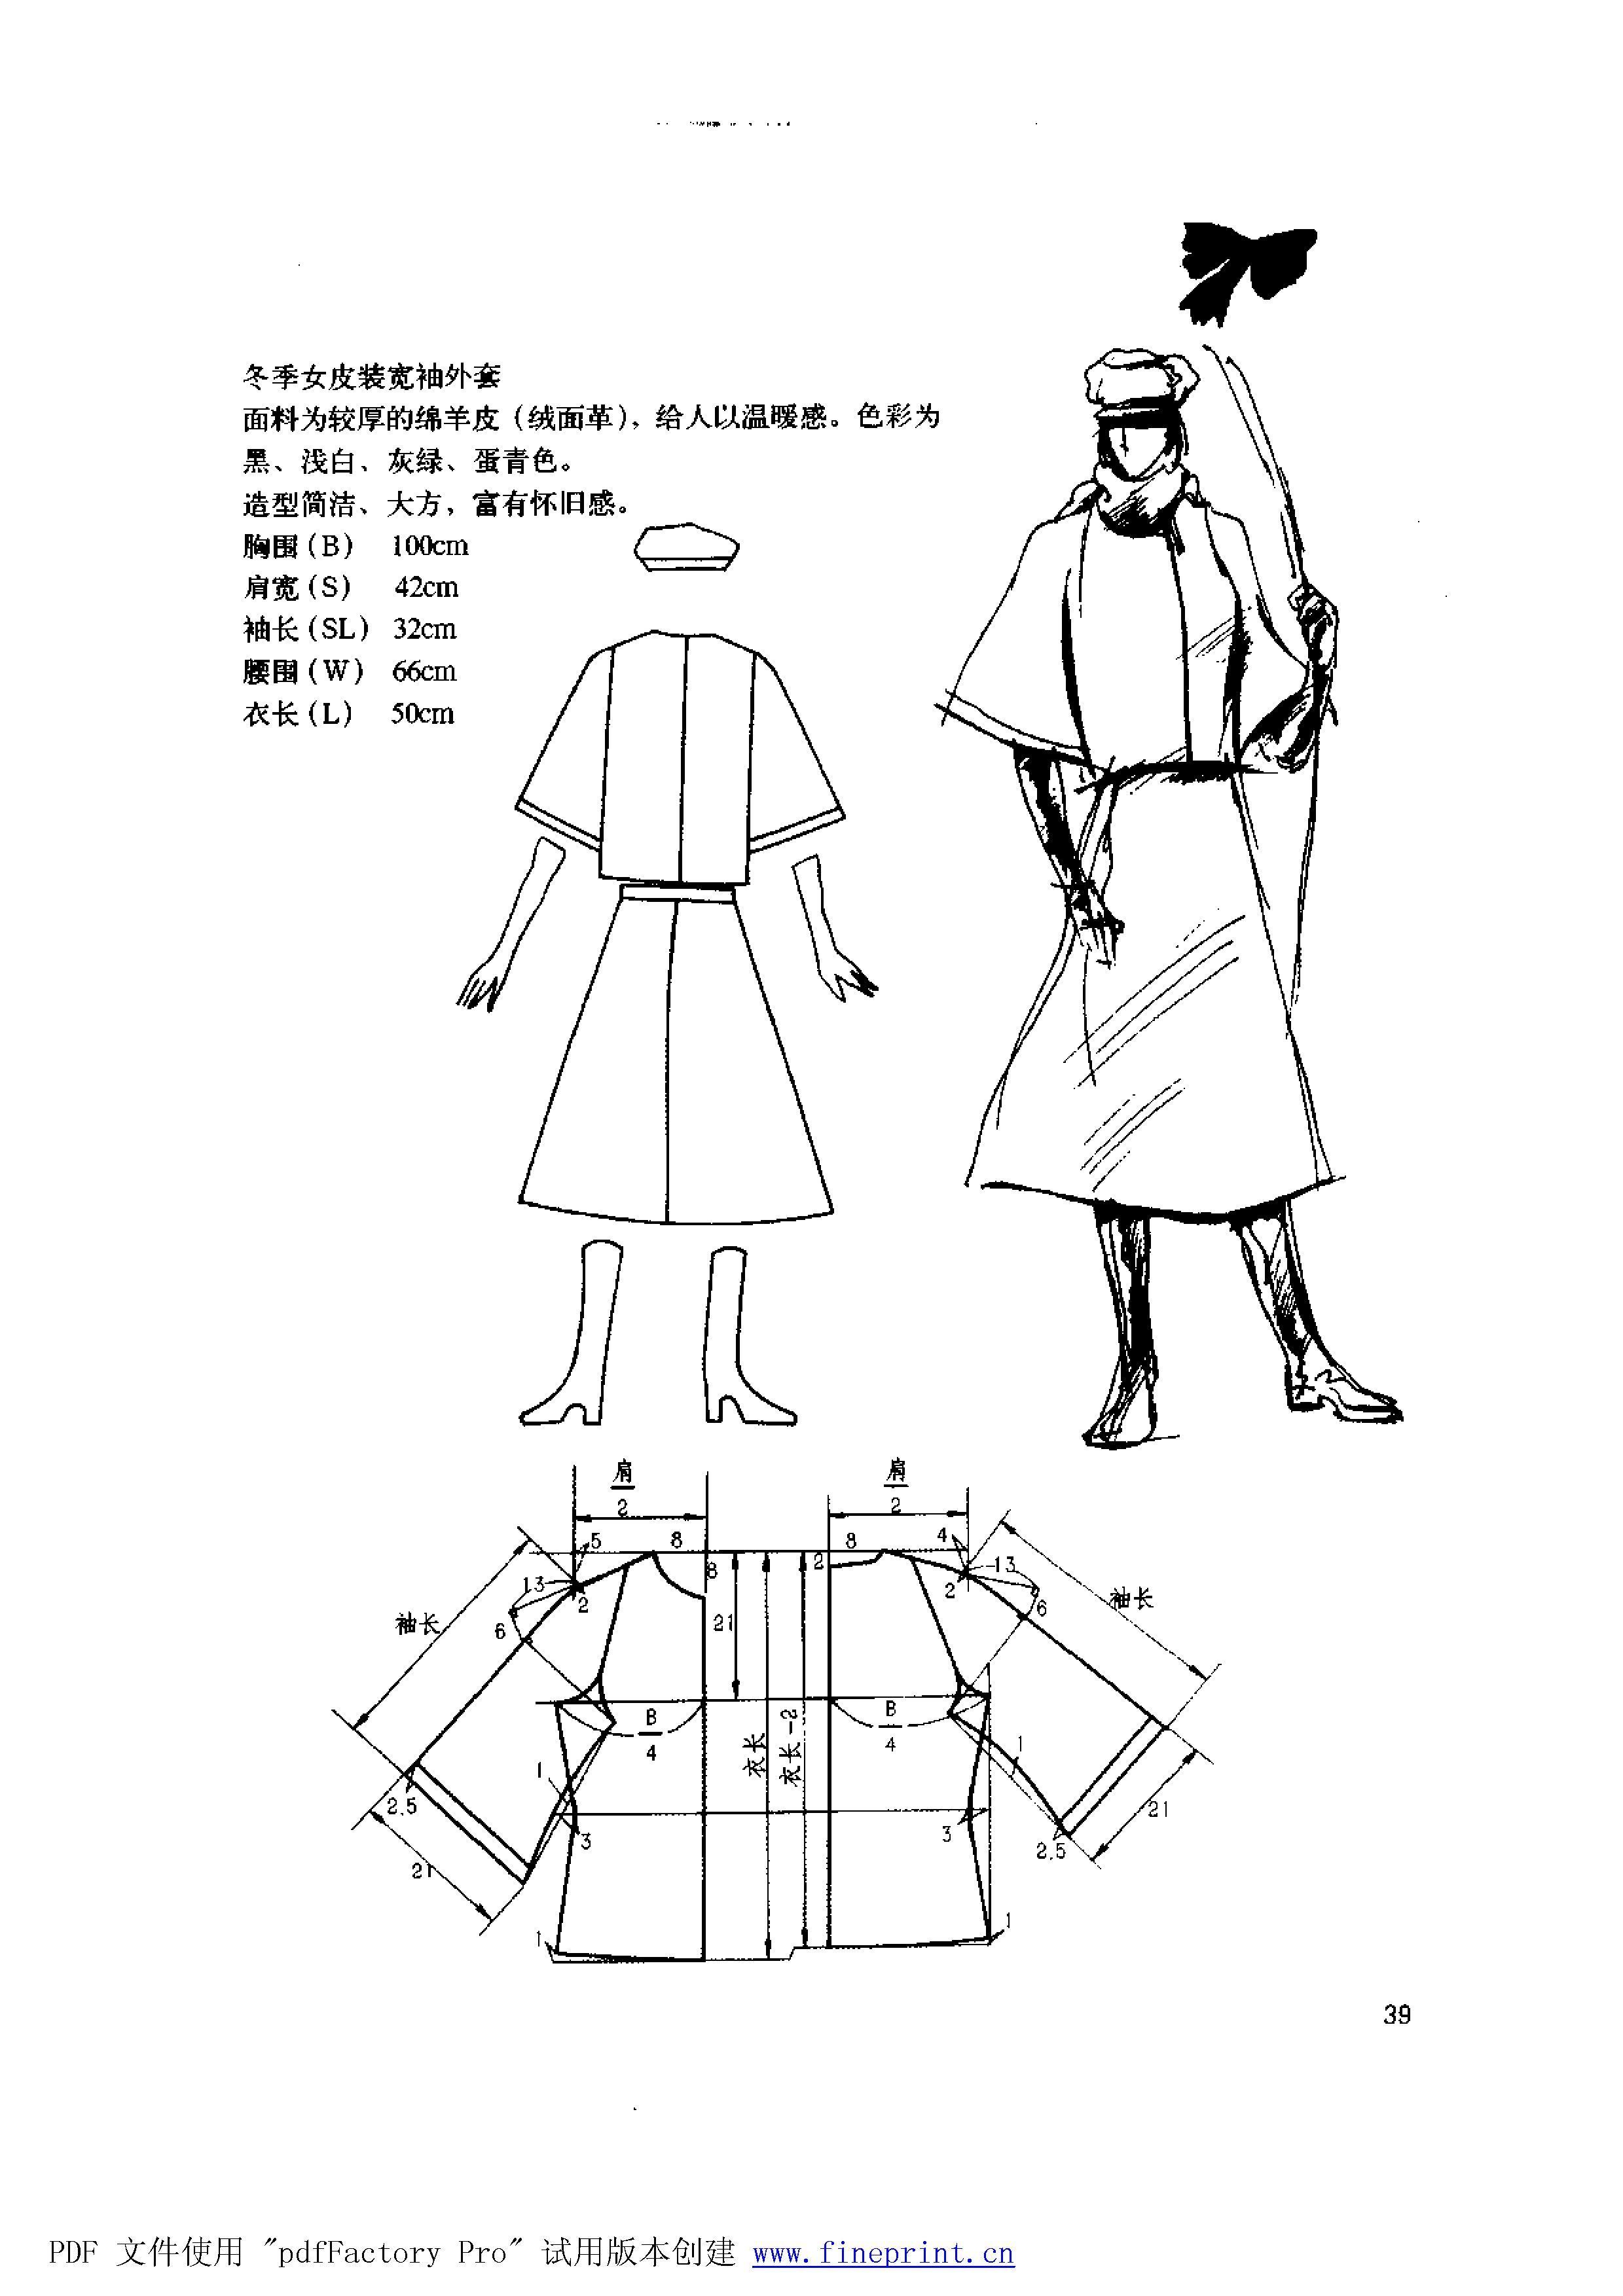 Mens jacket pattern making - Leather Garments Sewing Dressmaking Patternmaking